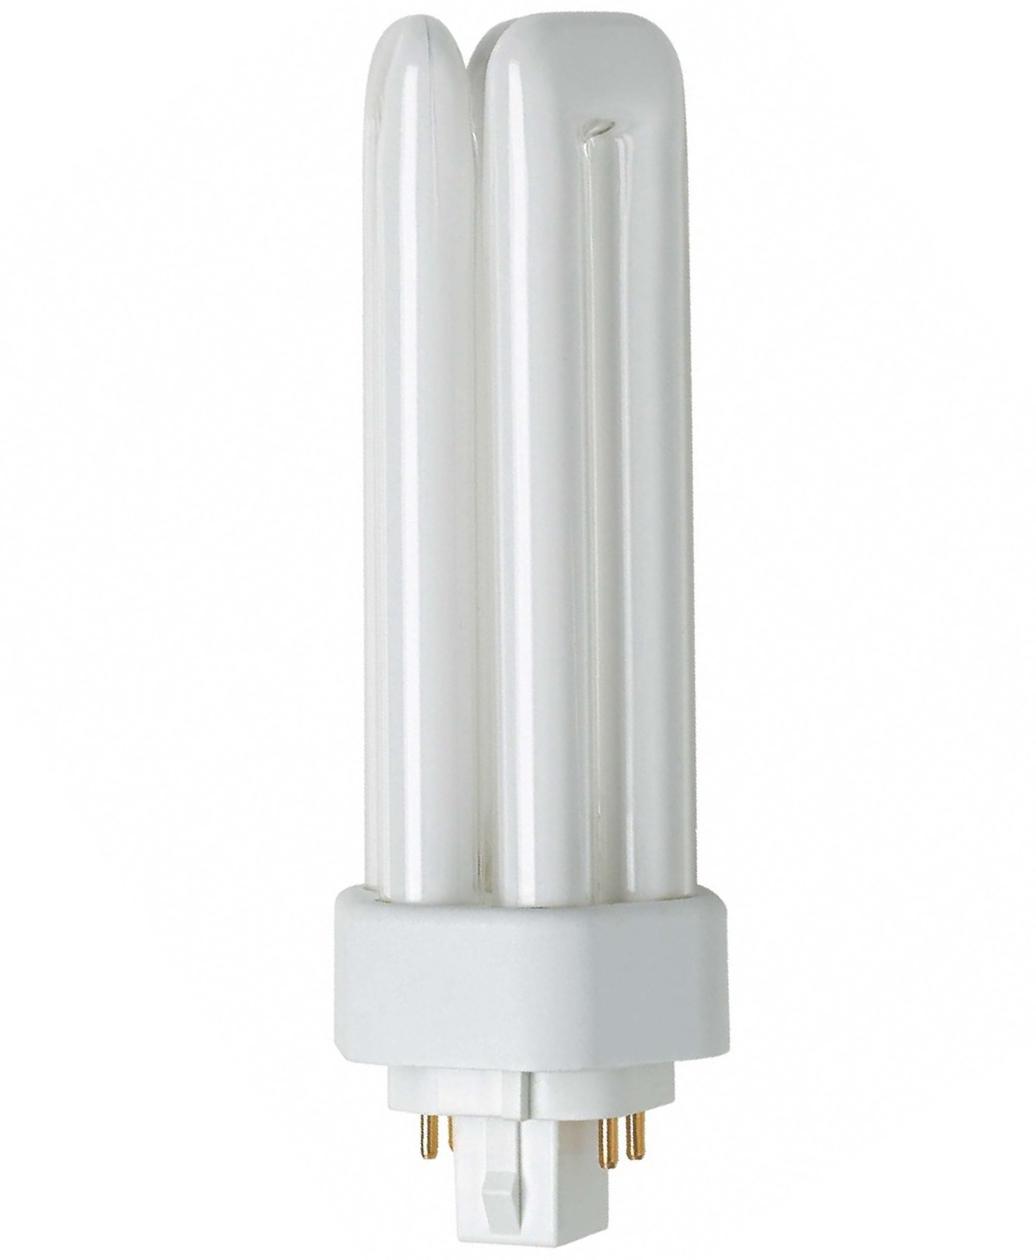 1 Stk PL-T 32W/830/4P GX24q-3 Kompaktleuchtstofflampe Warmweiß LI82128470